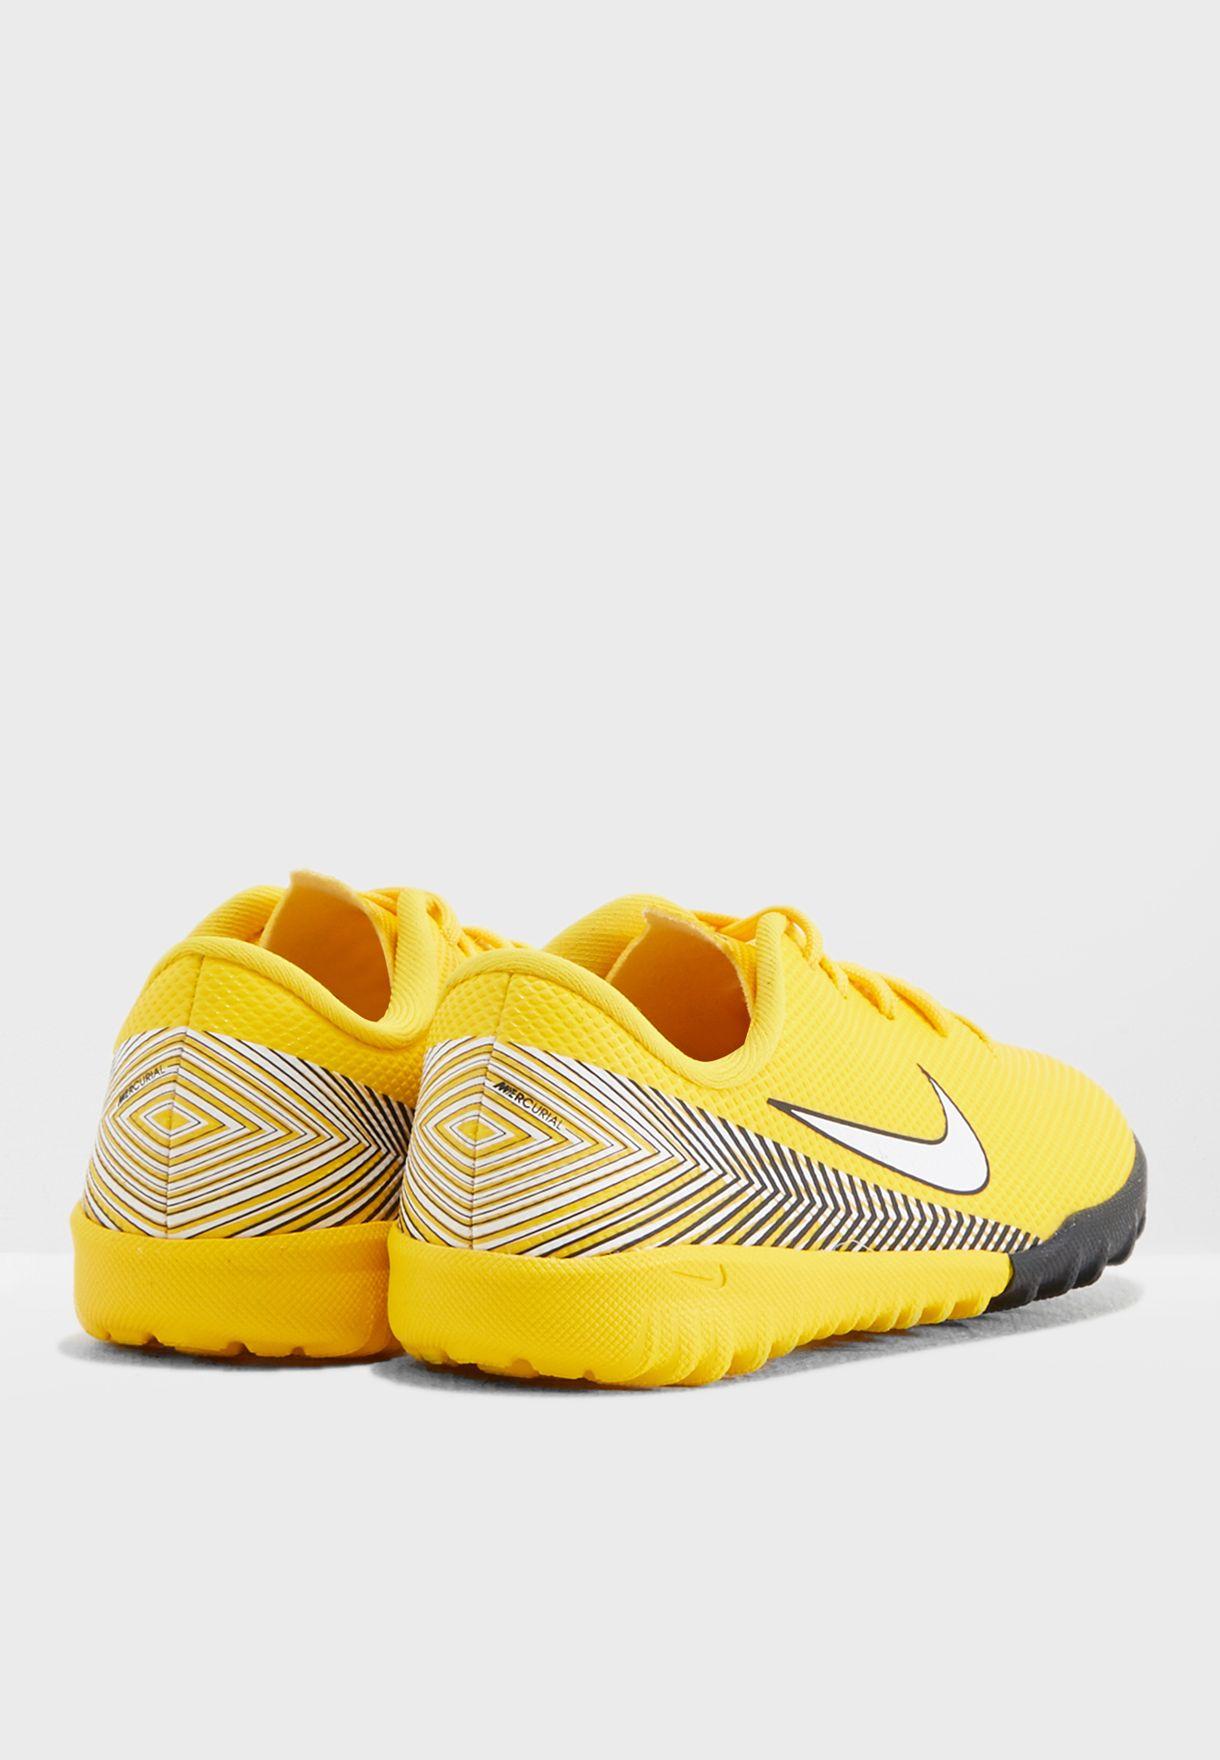 حذاء فانتومكس 3 أكاديمي للأسطح العشبية